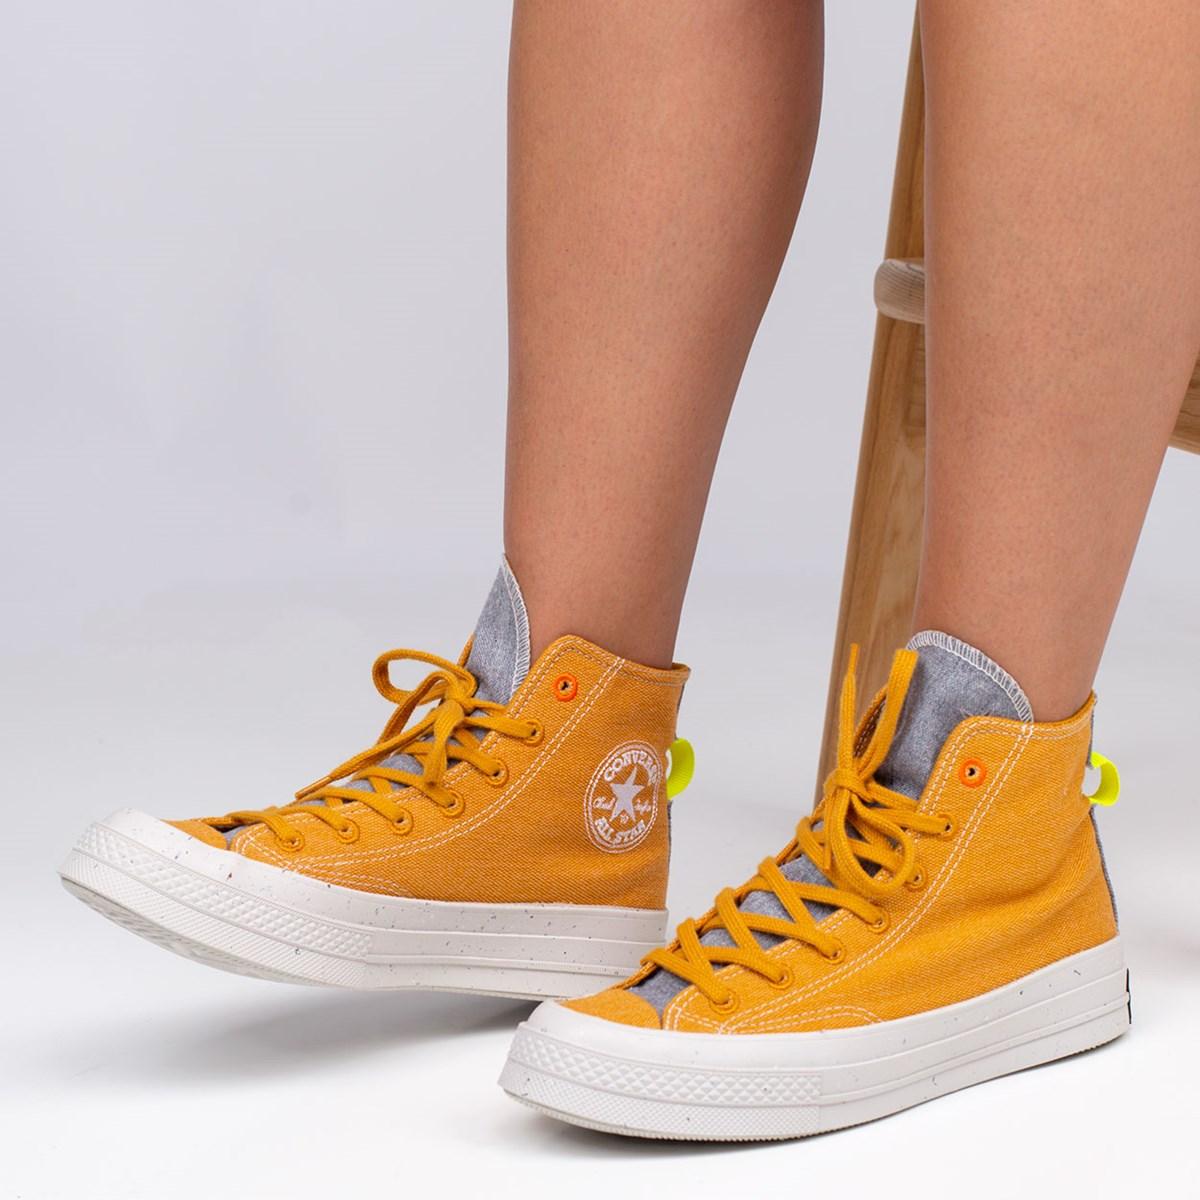 Tênis Converse Chuck 70 Renew Hi Saffron Yellow Lemon Venom 168615C